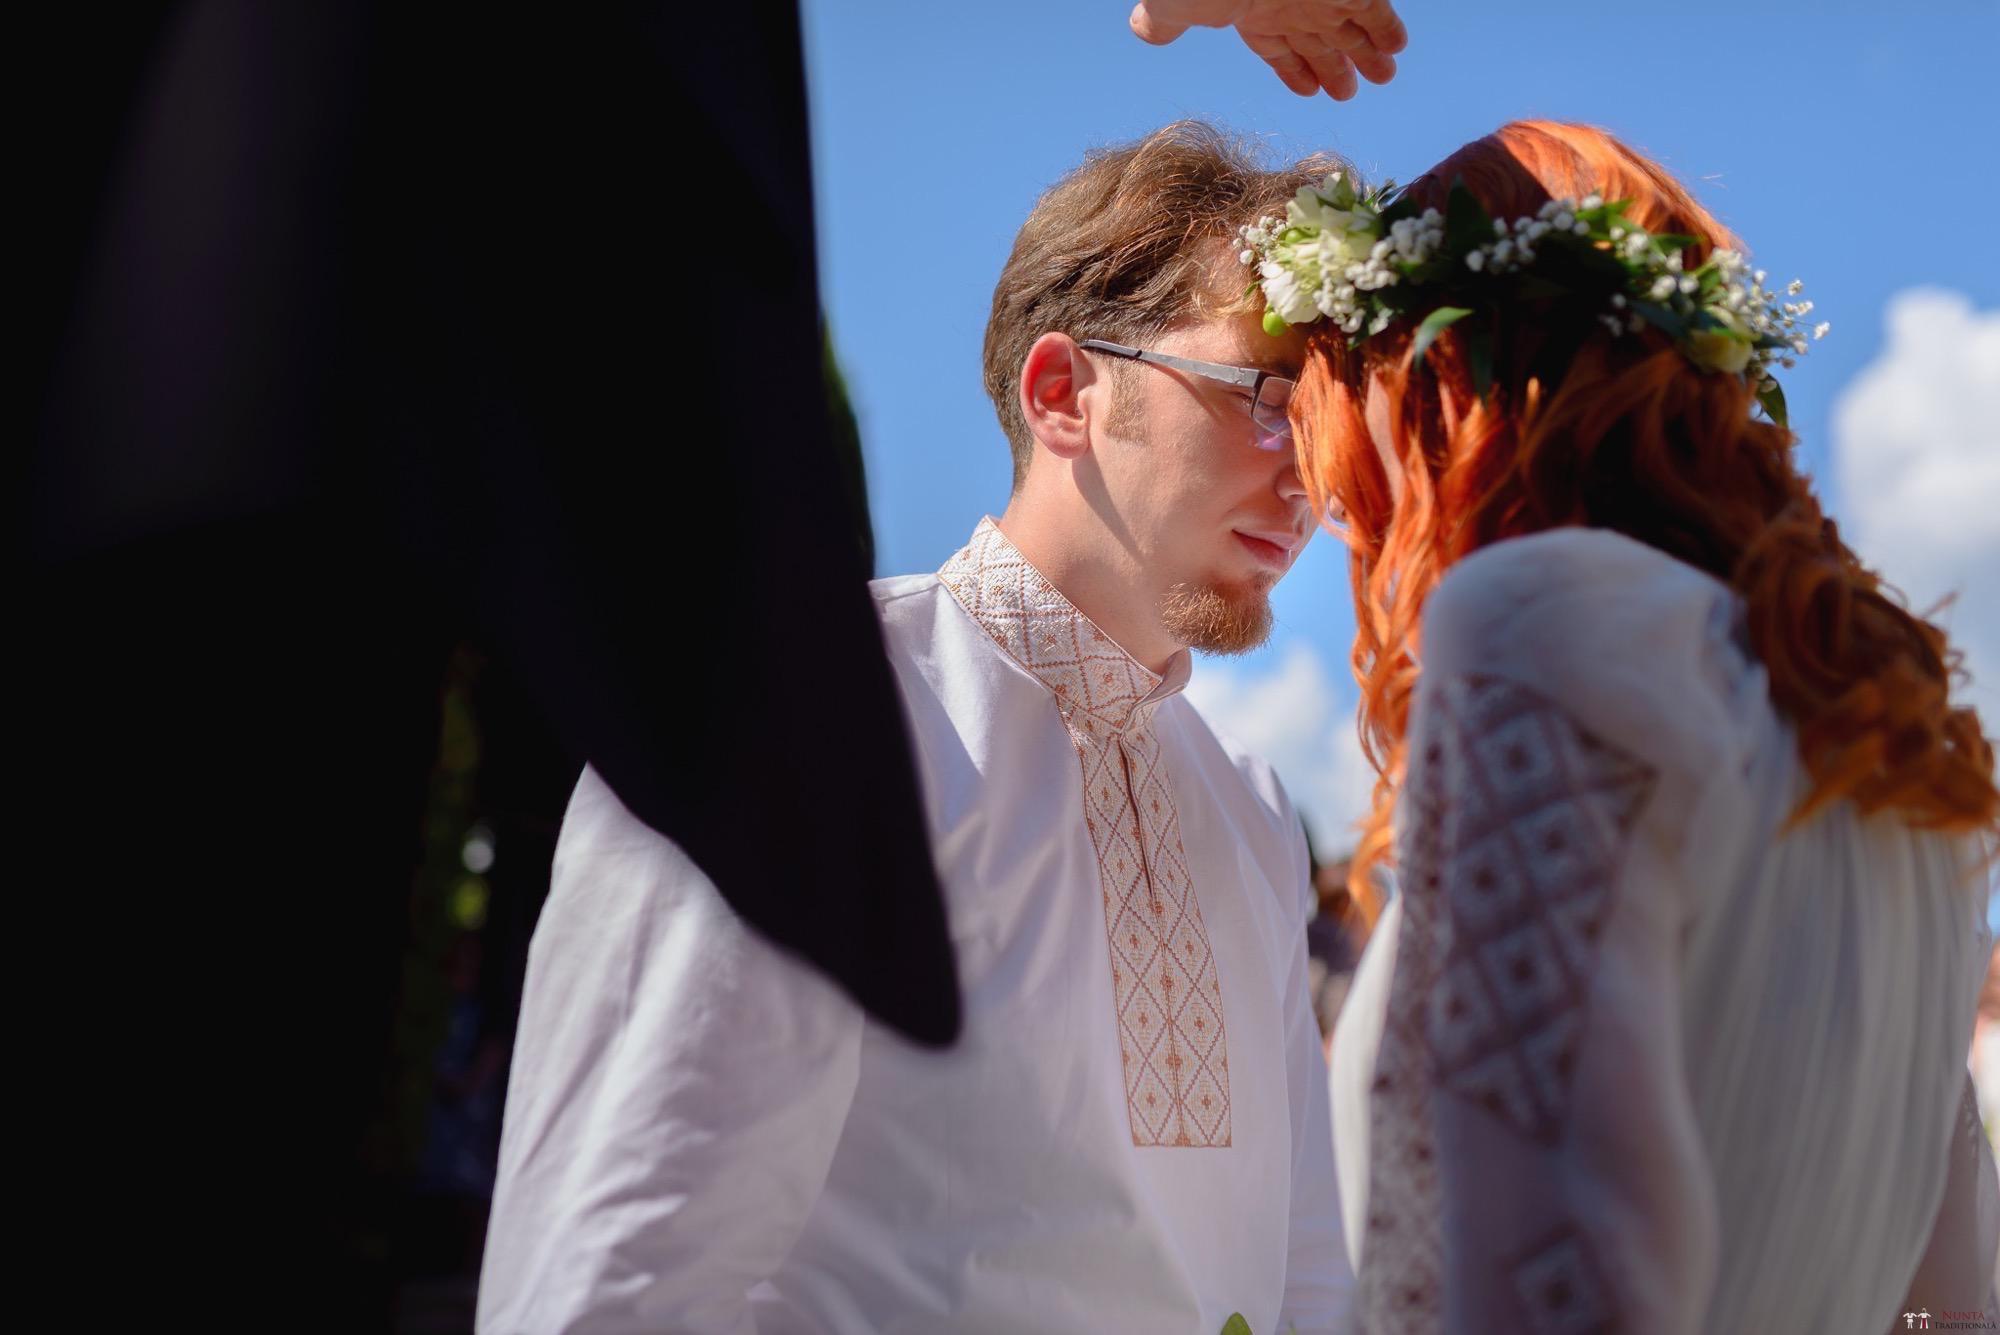 Povești Nunți Tradiționale - Aurelian și Sonia. Nuntă tradițională în Câmpulung Moldovenesc 32